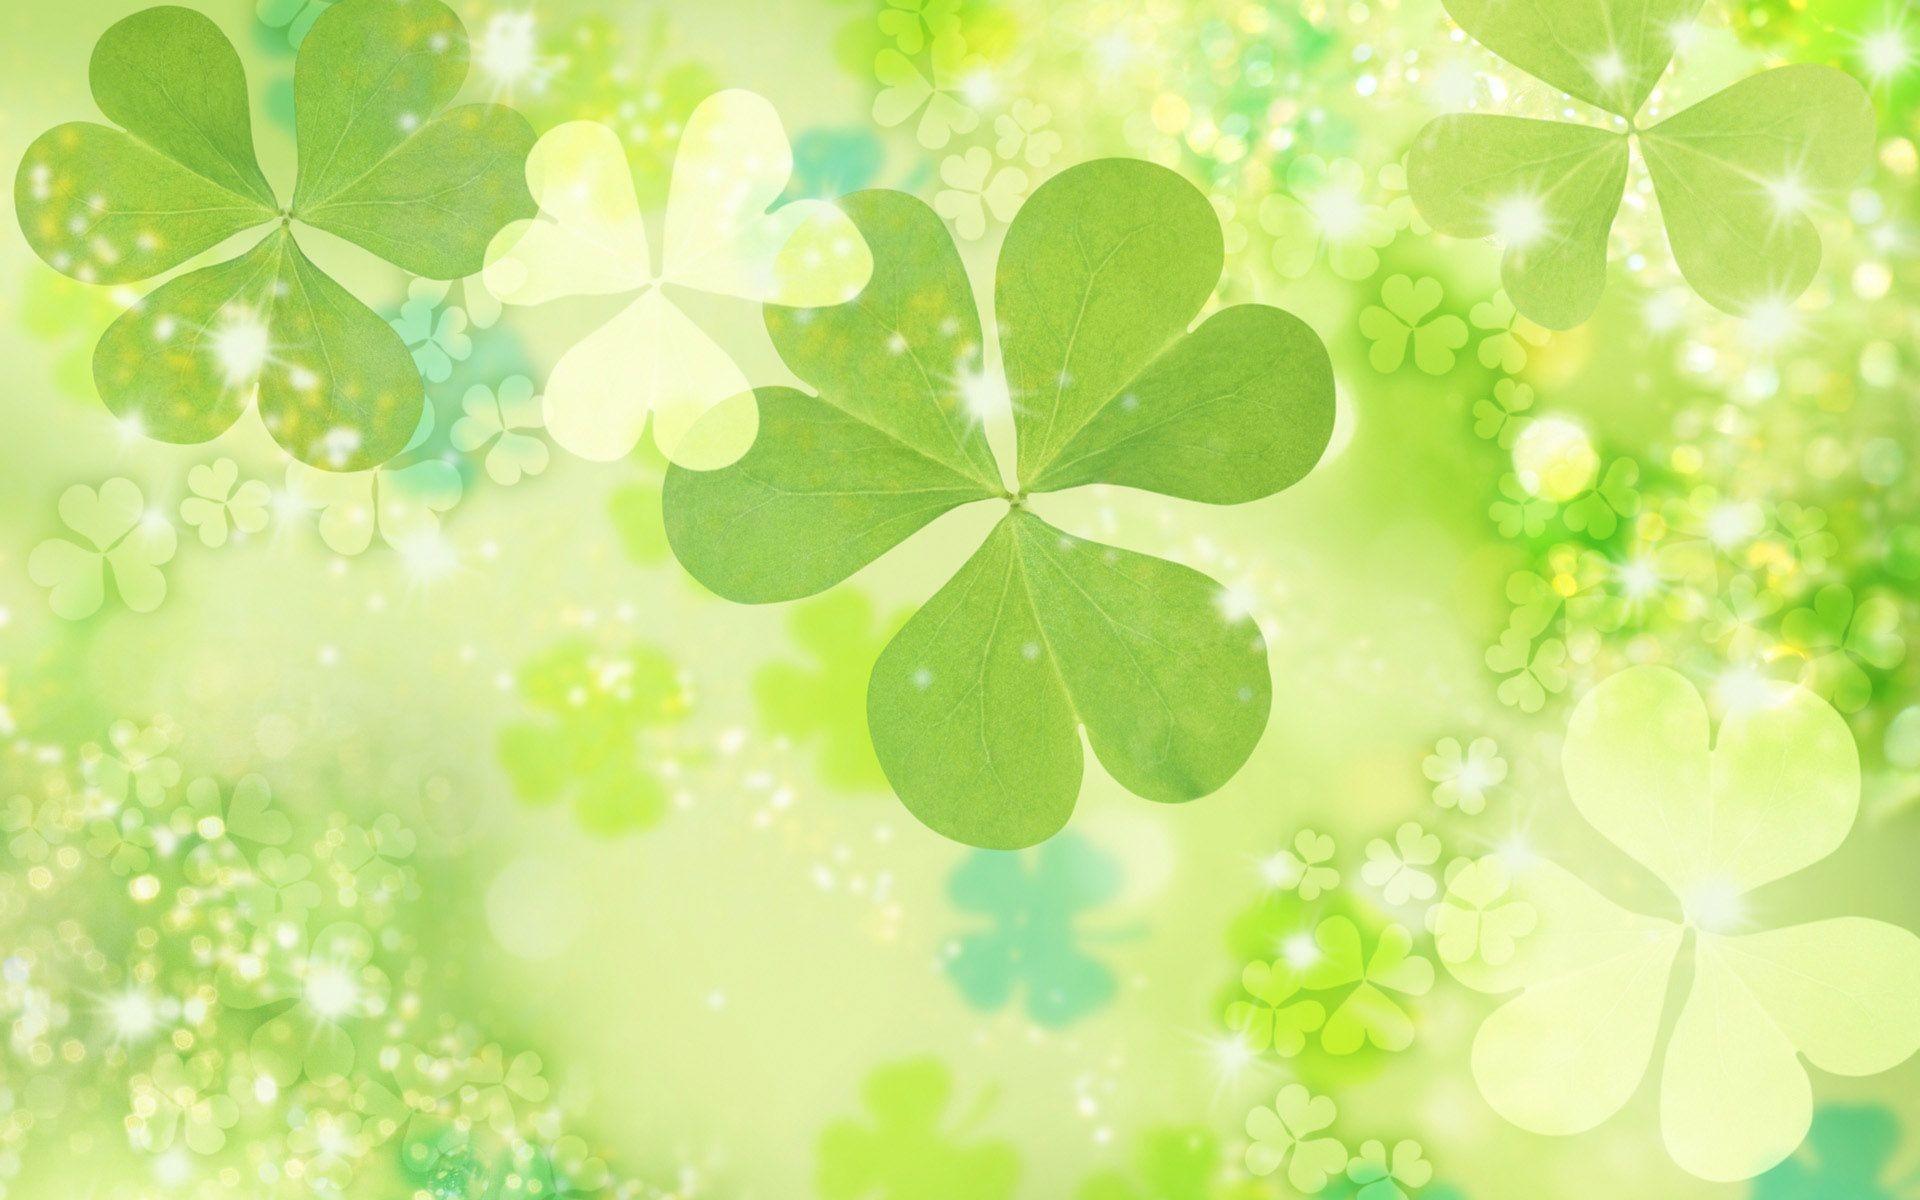 Hình ảnh background hoa cỏ 3 lá